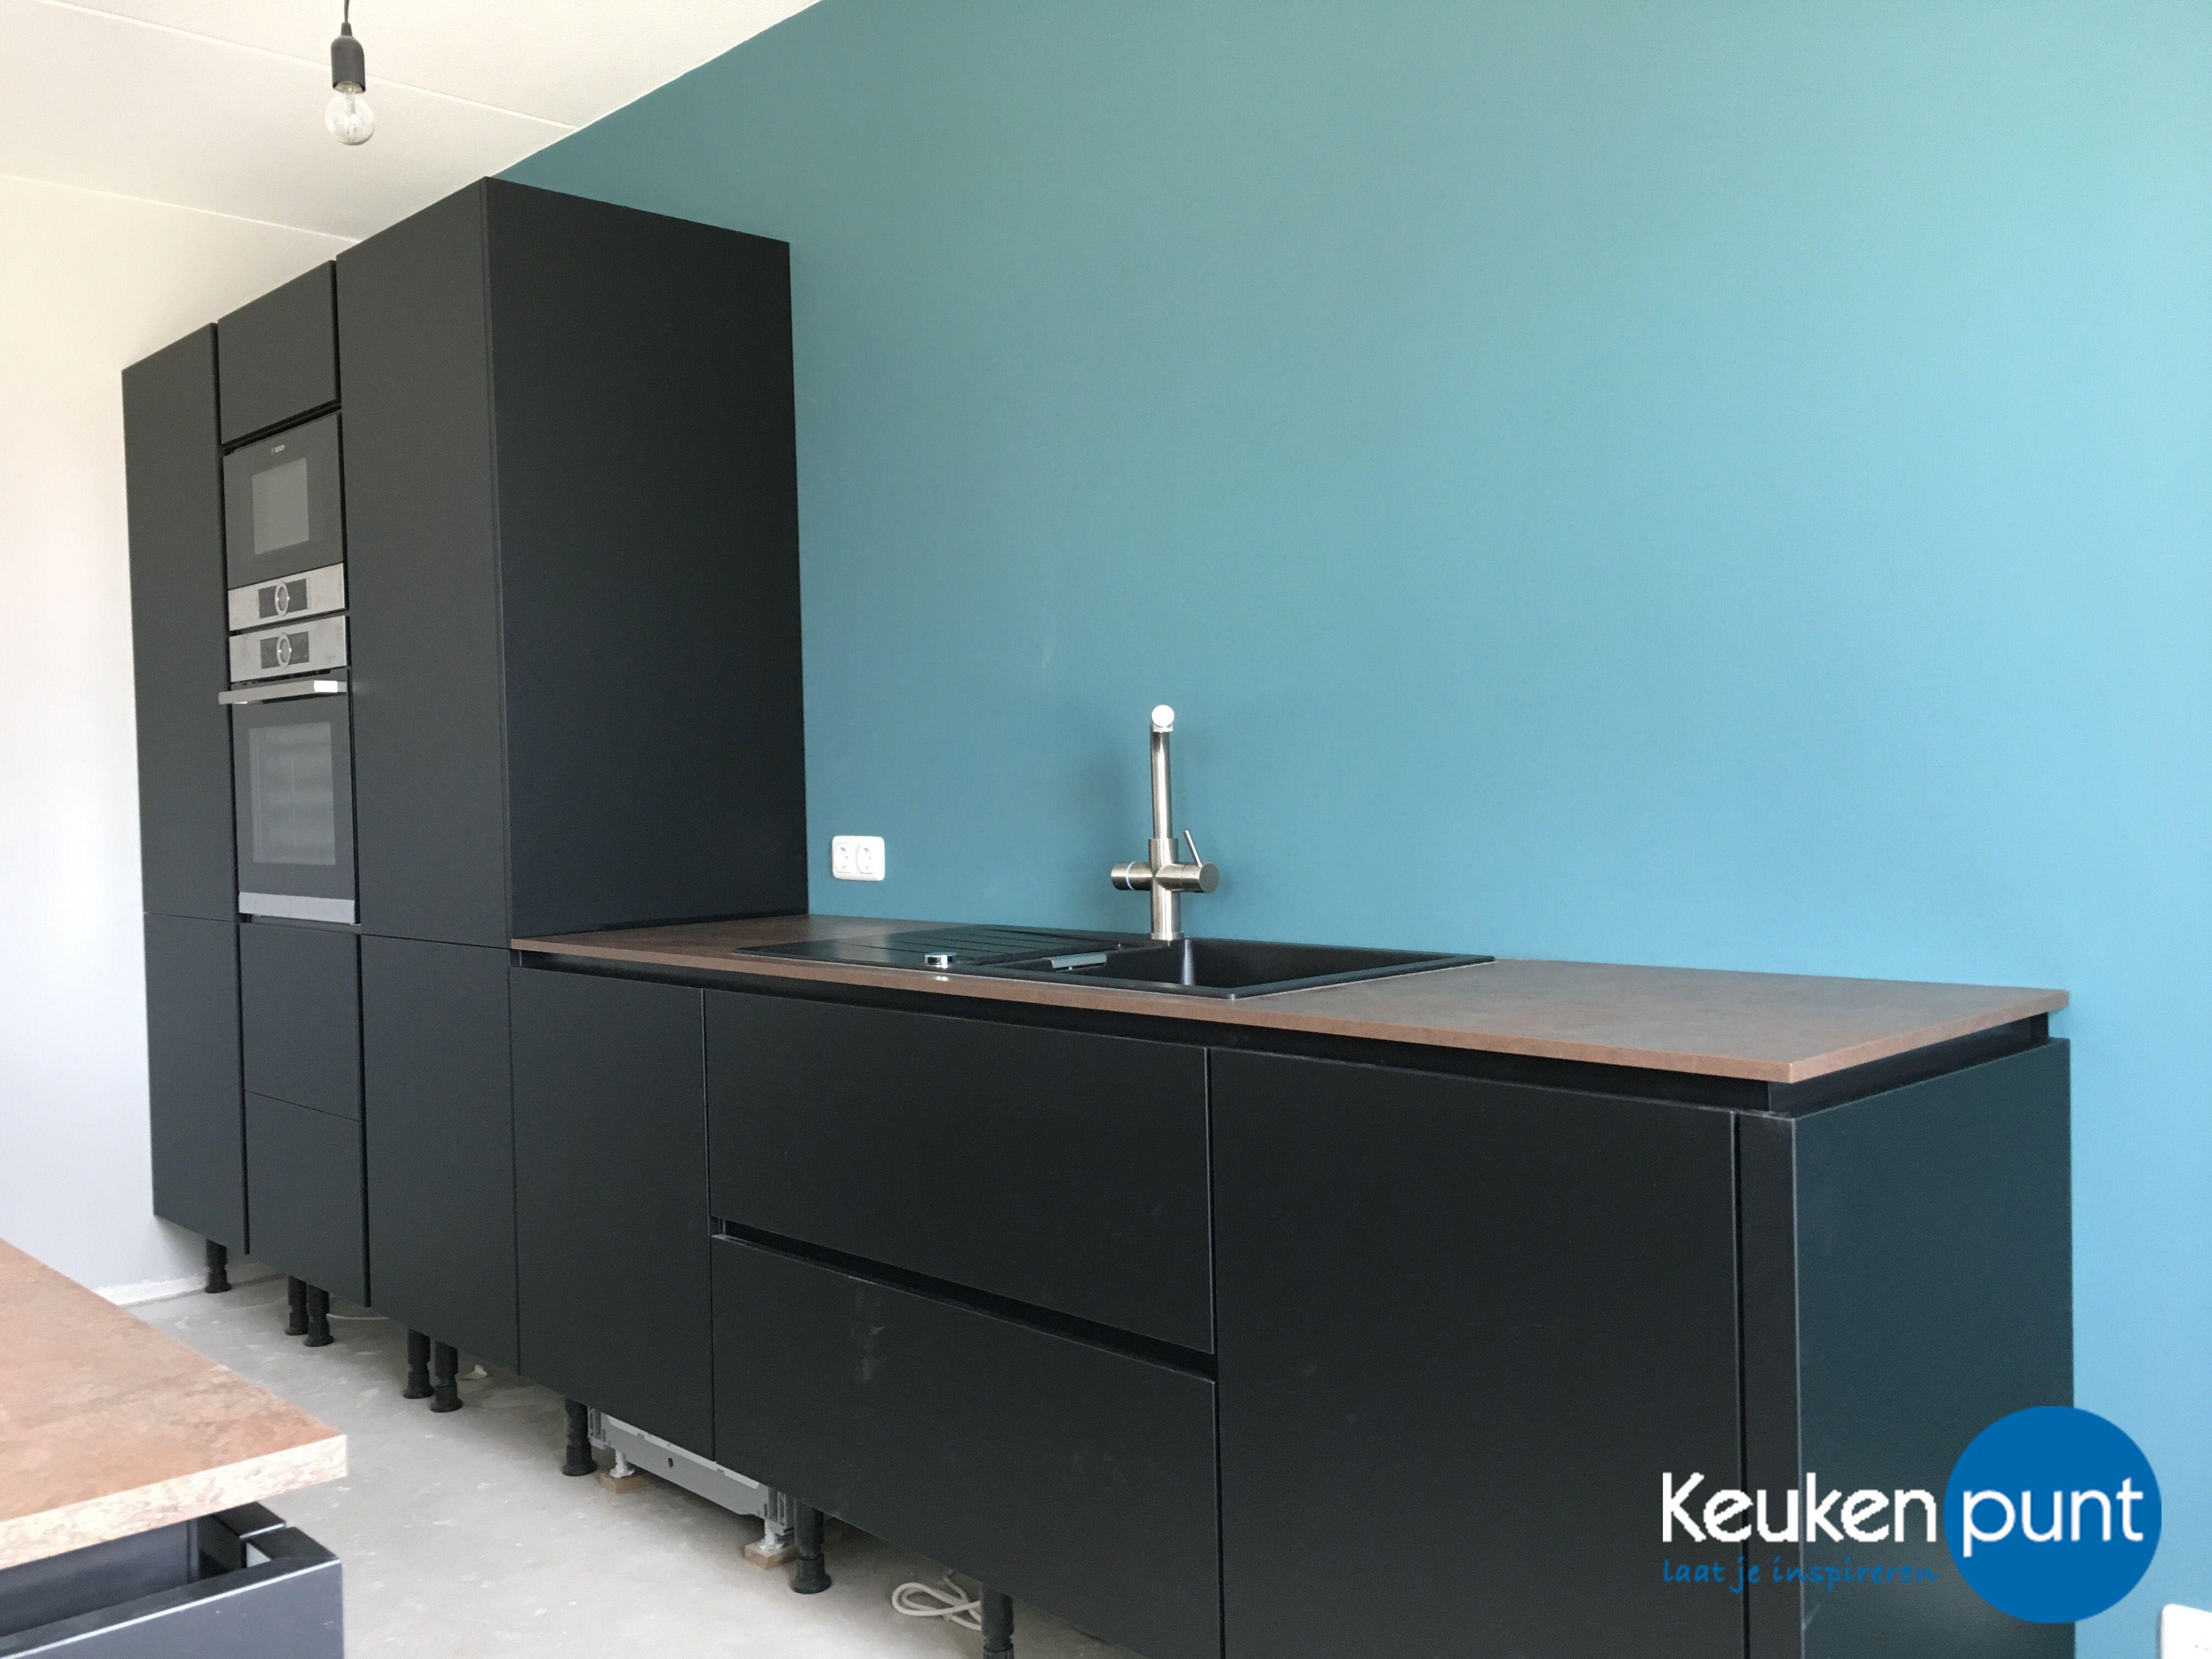 Mat zwarte keuken met eiland en blauwe achterwand keukenpunt